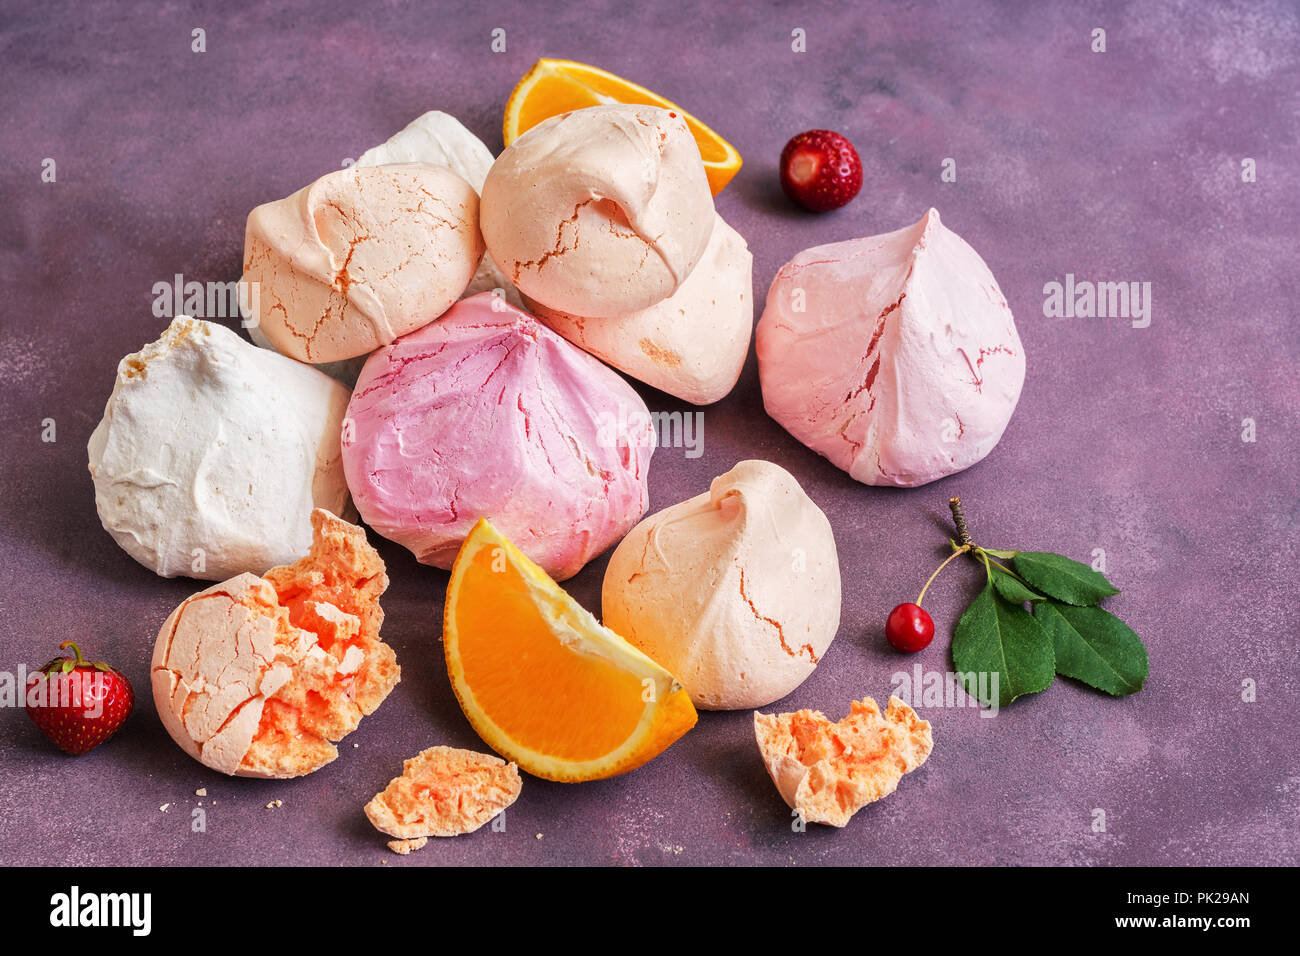 Merengue multicolores con fresas, cerezas y naranja en un hermoso telón de fondo. Un montón de merengue, el enfoque selectivo Imagen De Stock